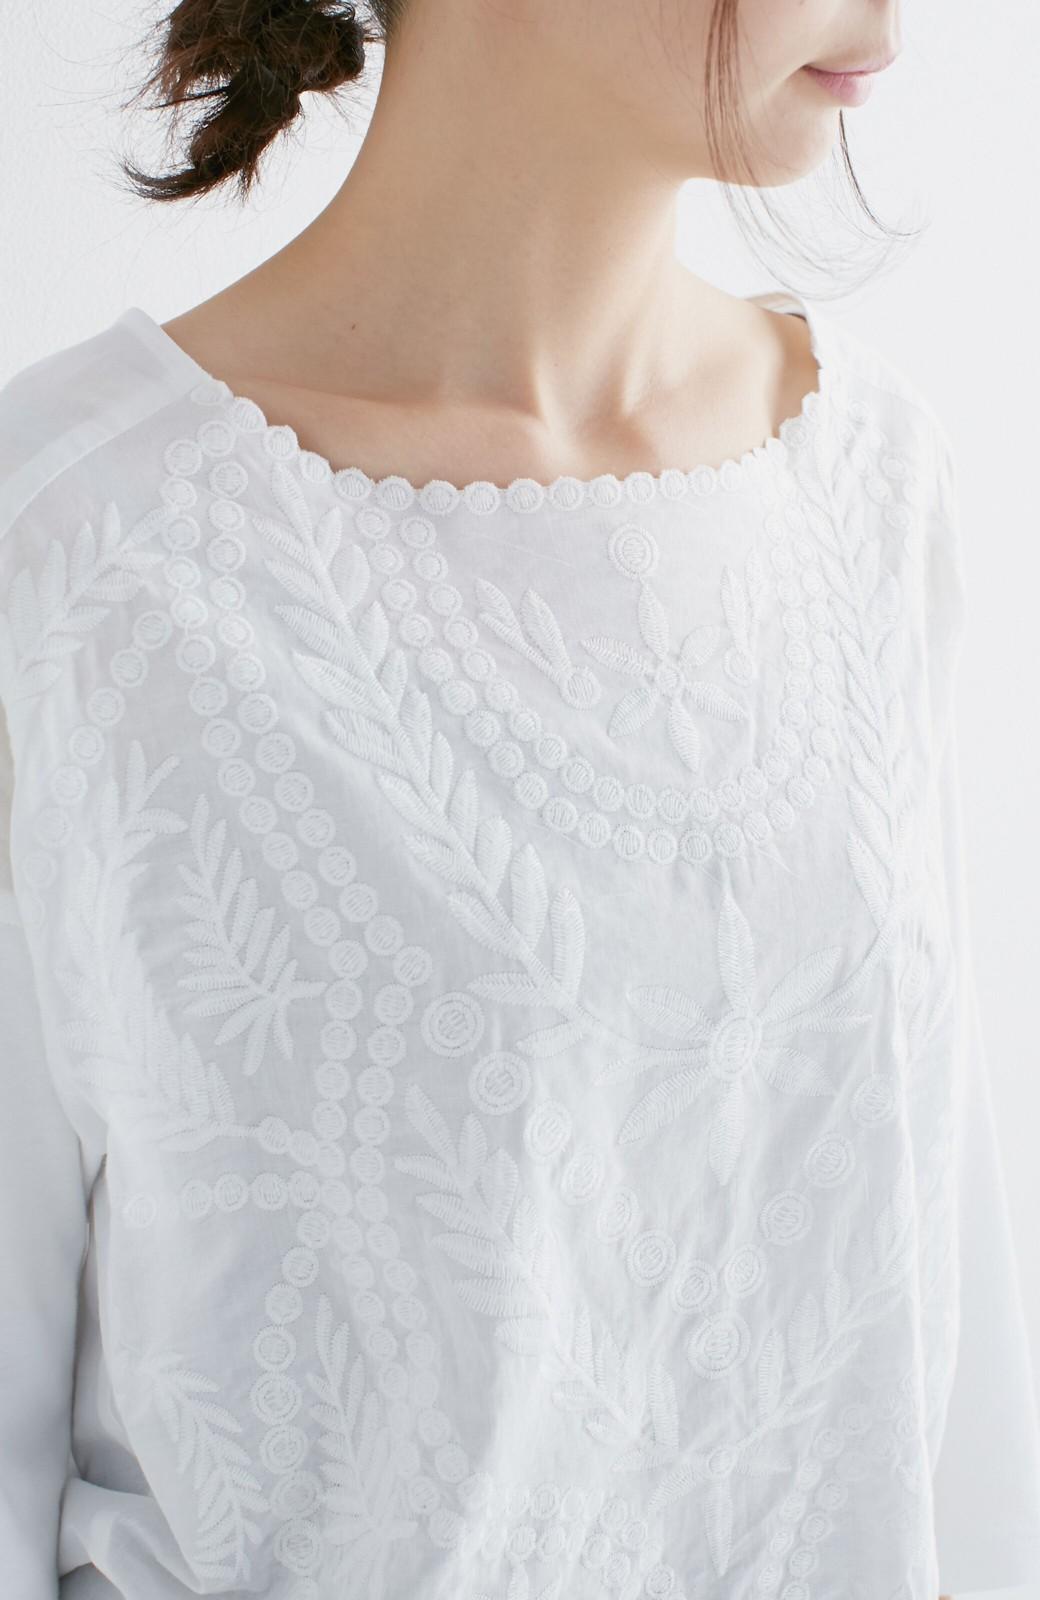 エムトロワ こう見えて動きやすい、袖だけカットソーの華やか刺しゅうブラウス <ホワイト>の商品写真19